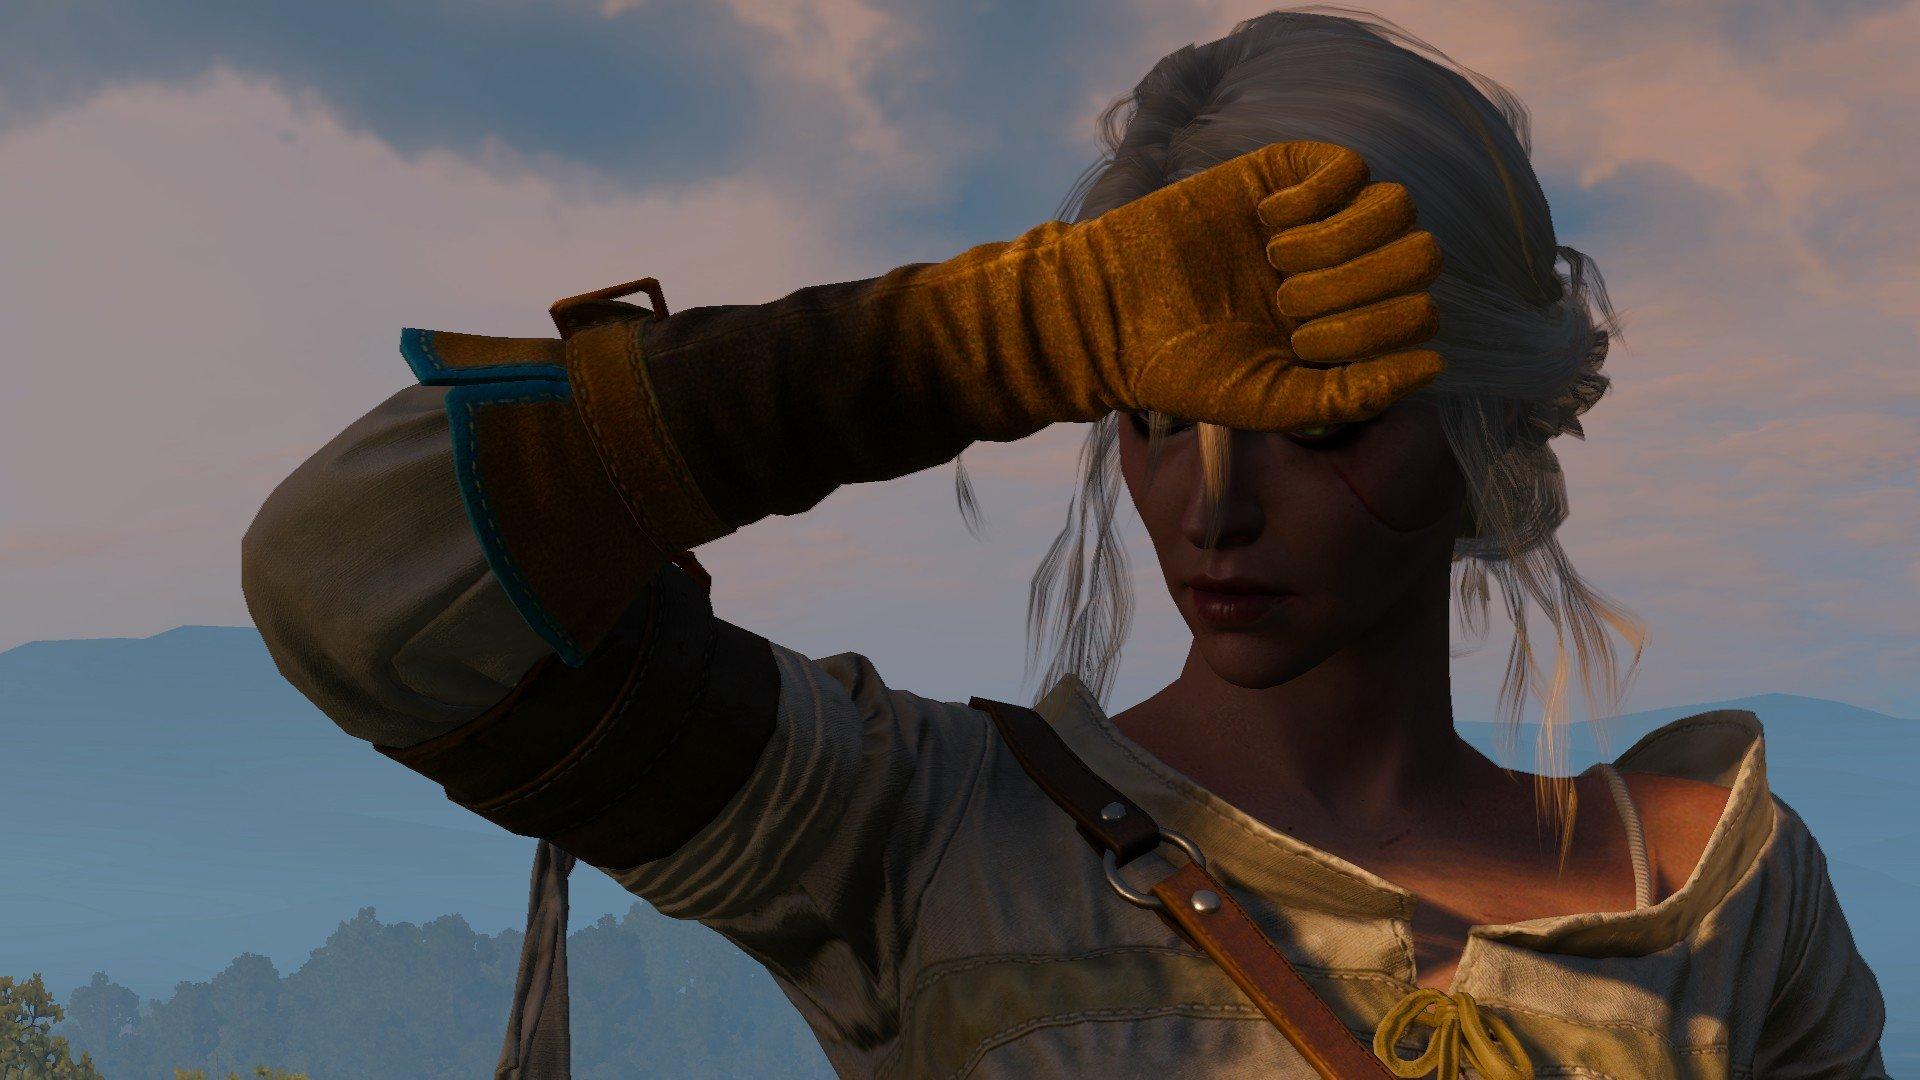 The Witcher 3: Wild Hunt. Информация о следующем дополнении.    Неаккуратные мелкософты слили информацию о новом длс ... - Изображение 1